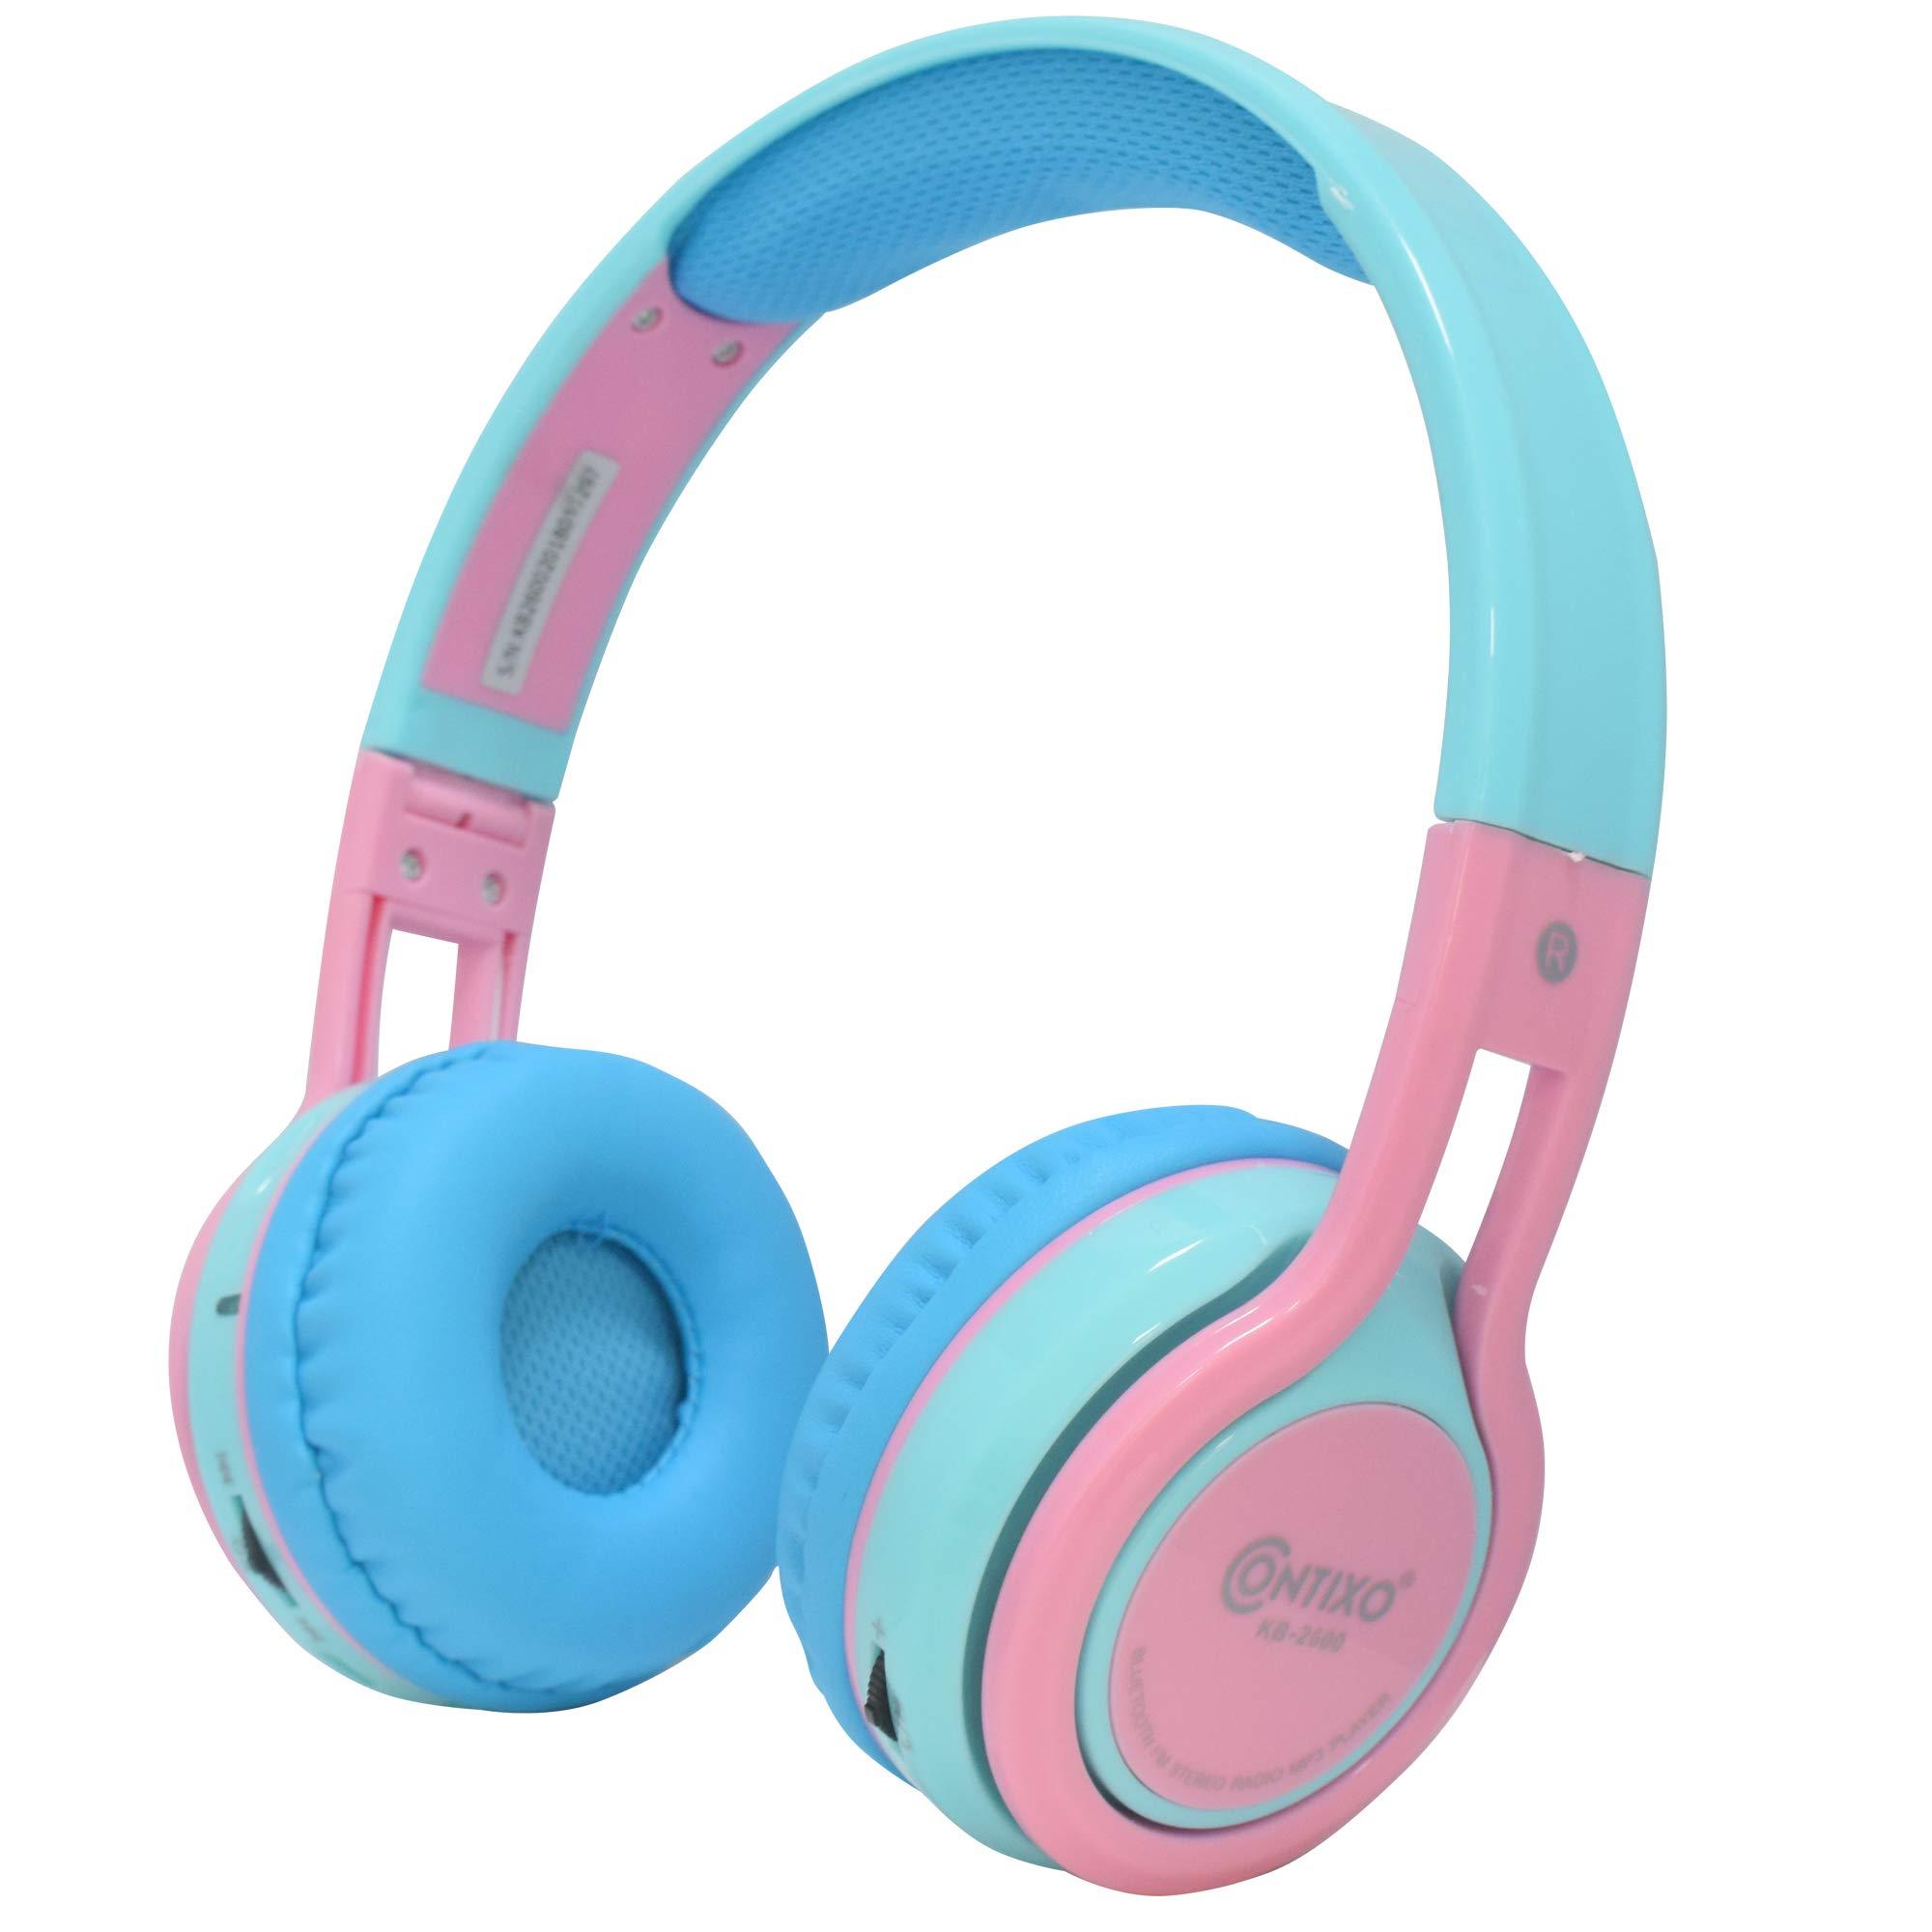 Auriculares Contixo Niños Over The Ear Plegable Bluetooth Niños Safe 85dB con Volume Limiter Microfono Incorporadorofono